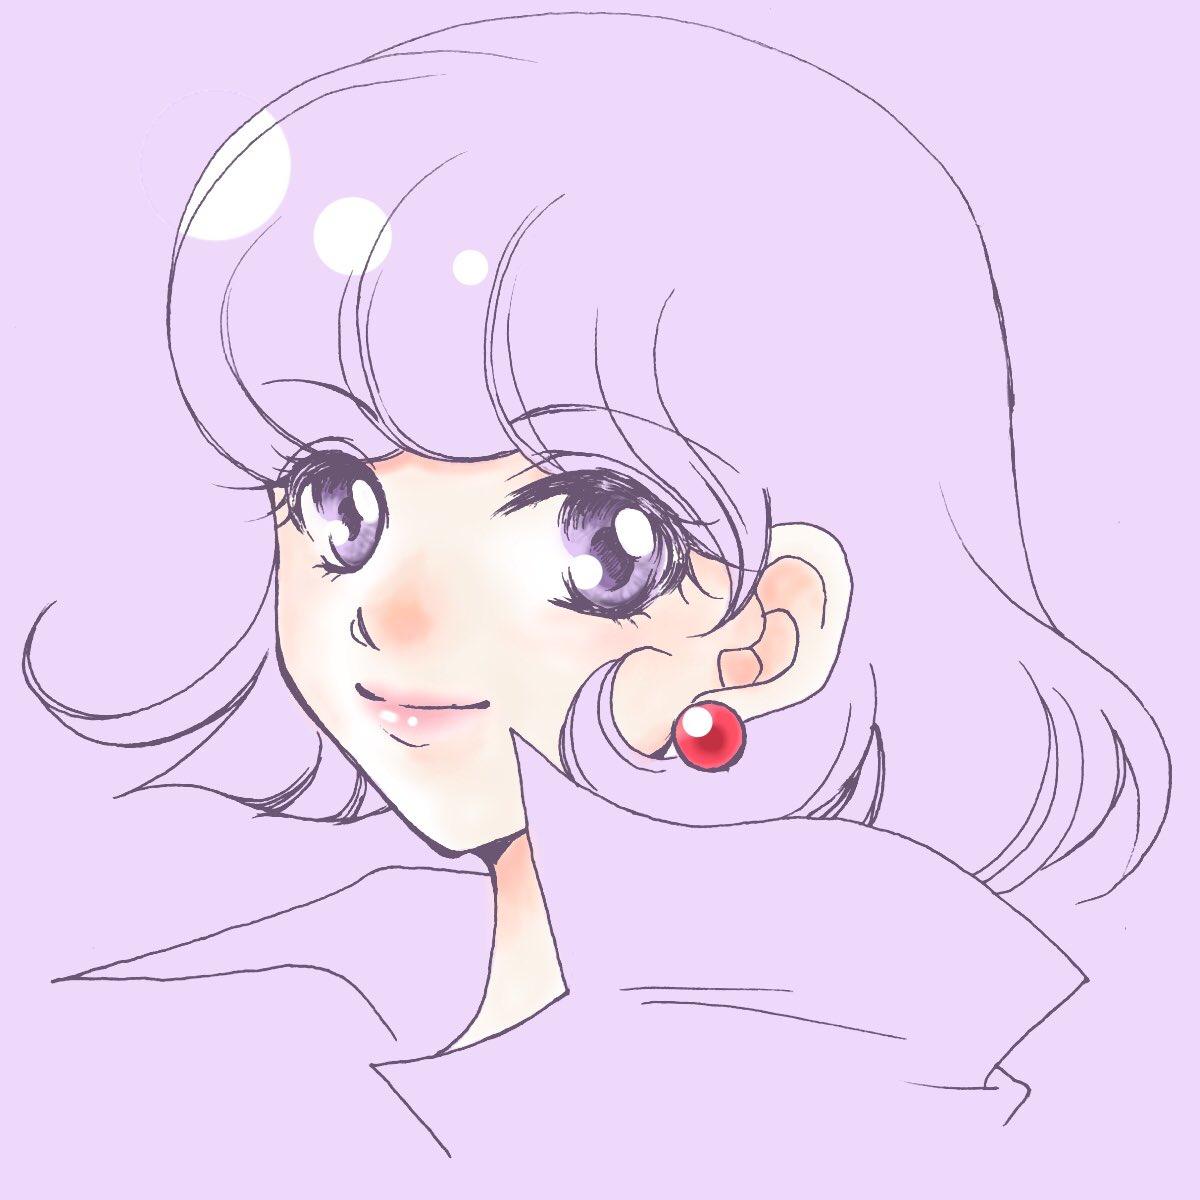 アキ (@aki_0208_0704)さんのイラスト